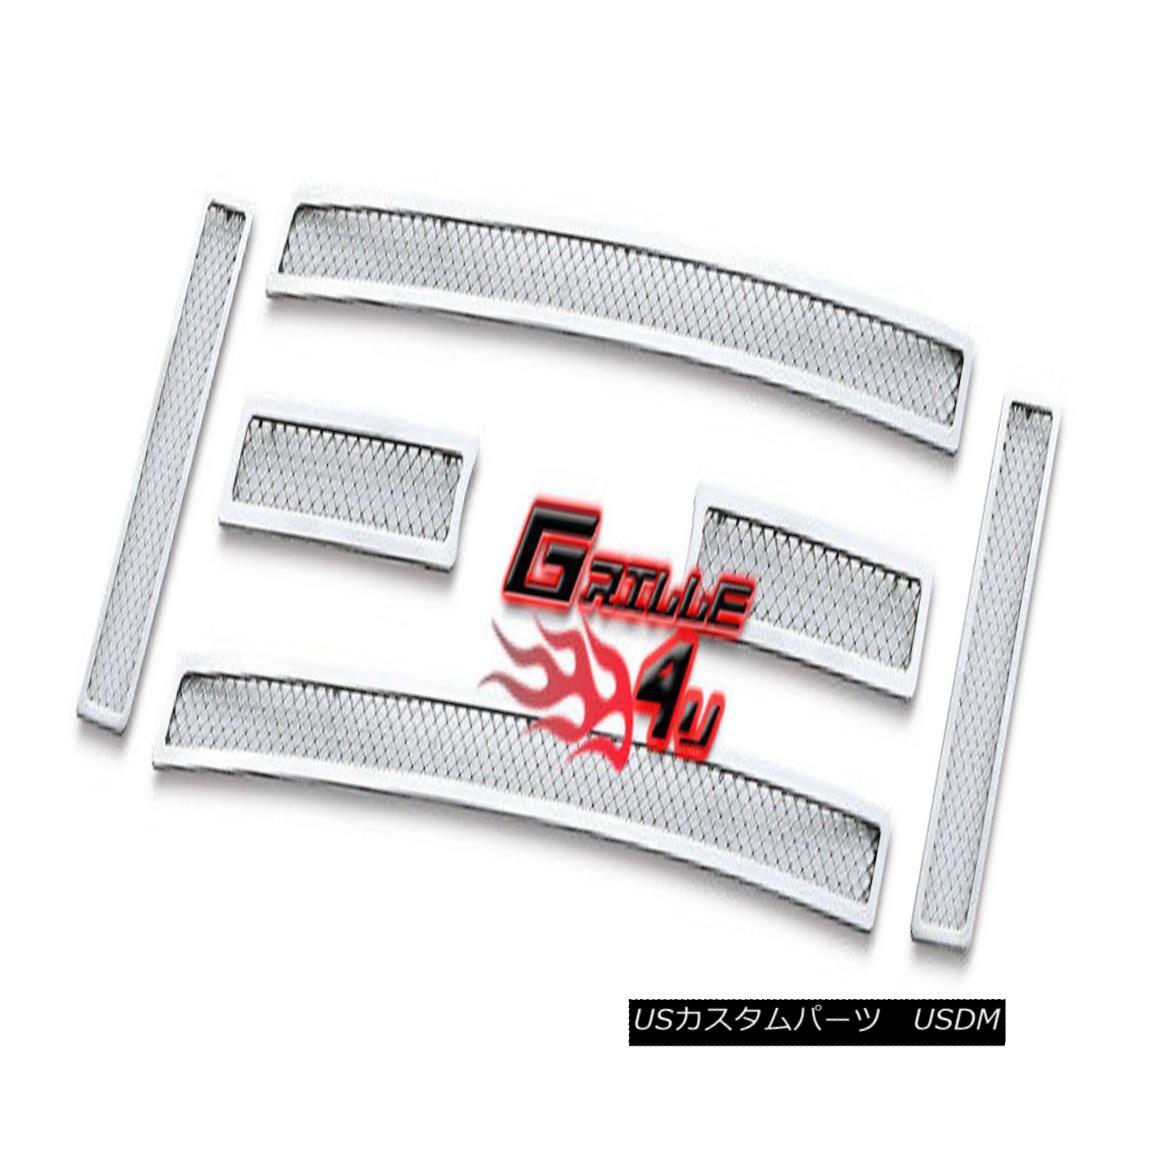 グリル For 08-11 Ford Econoline Van/E-Series Stainless Mesh Premium Grille 08-11 Ford Econoline Van / Eシリーズステンレスメッシュプレミアムグリル